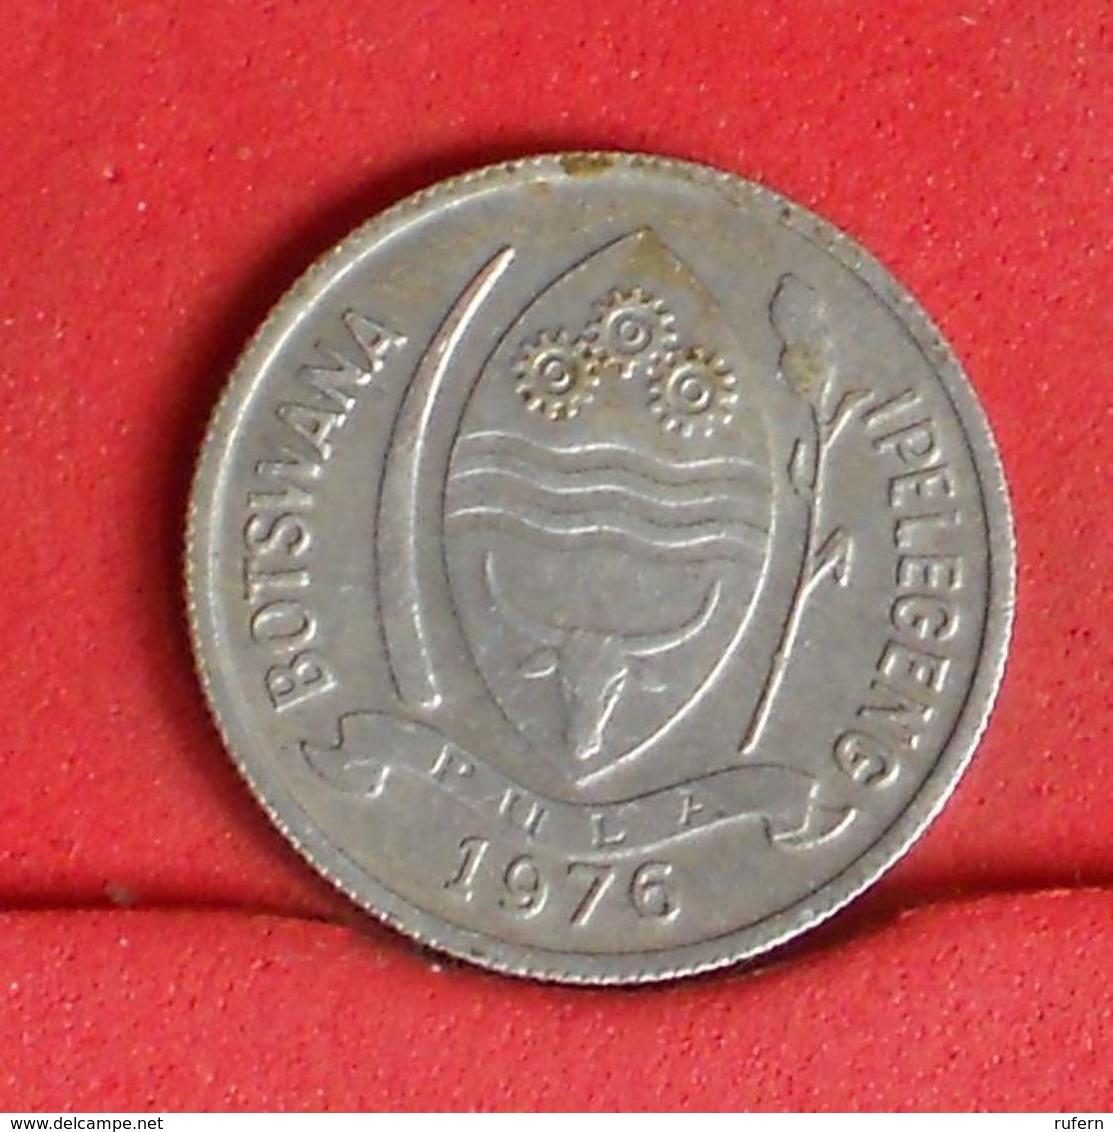 BOTSWANA 1 THEBE 1976 -    KM# 3 - (Nº19890) - Botswana